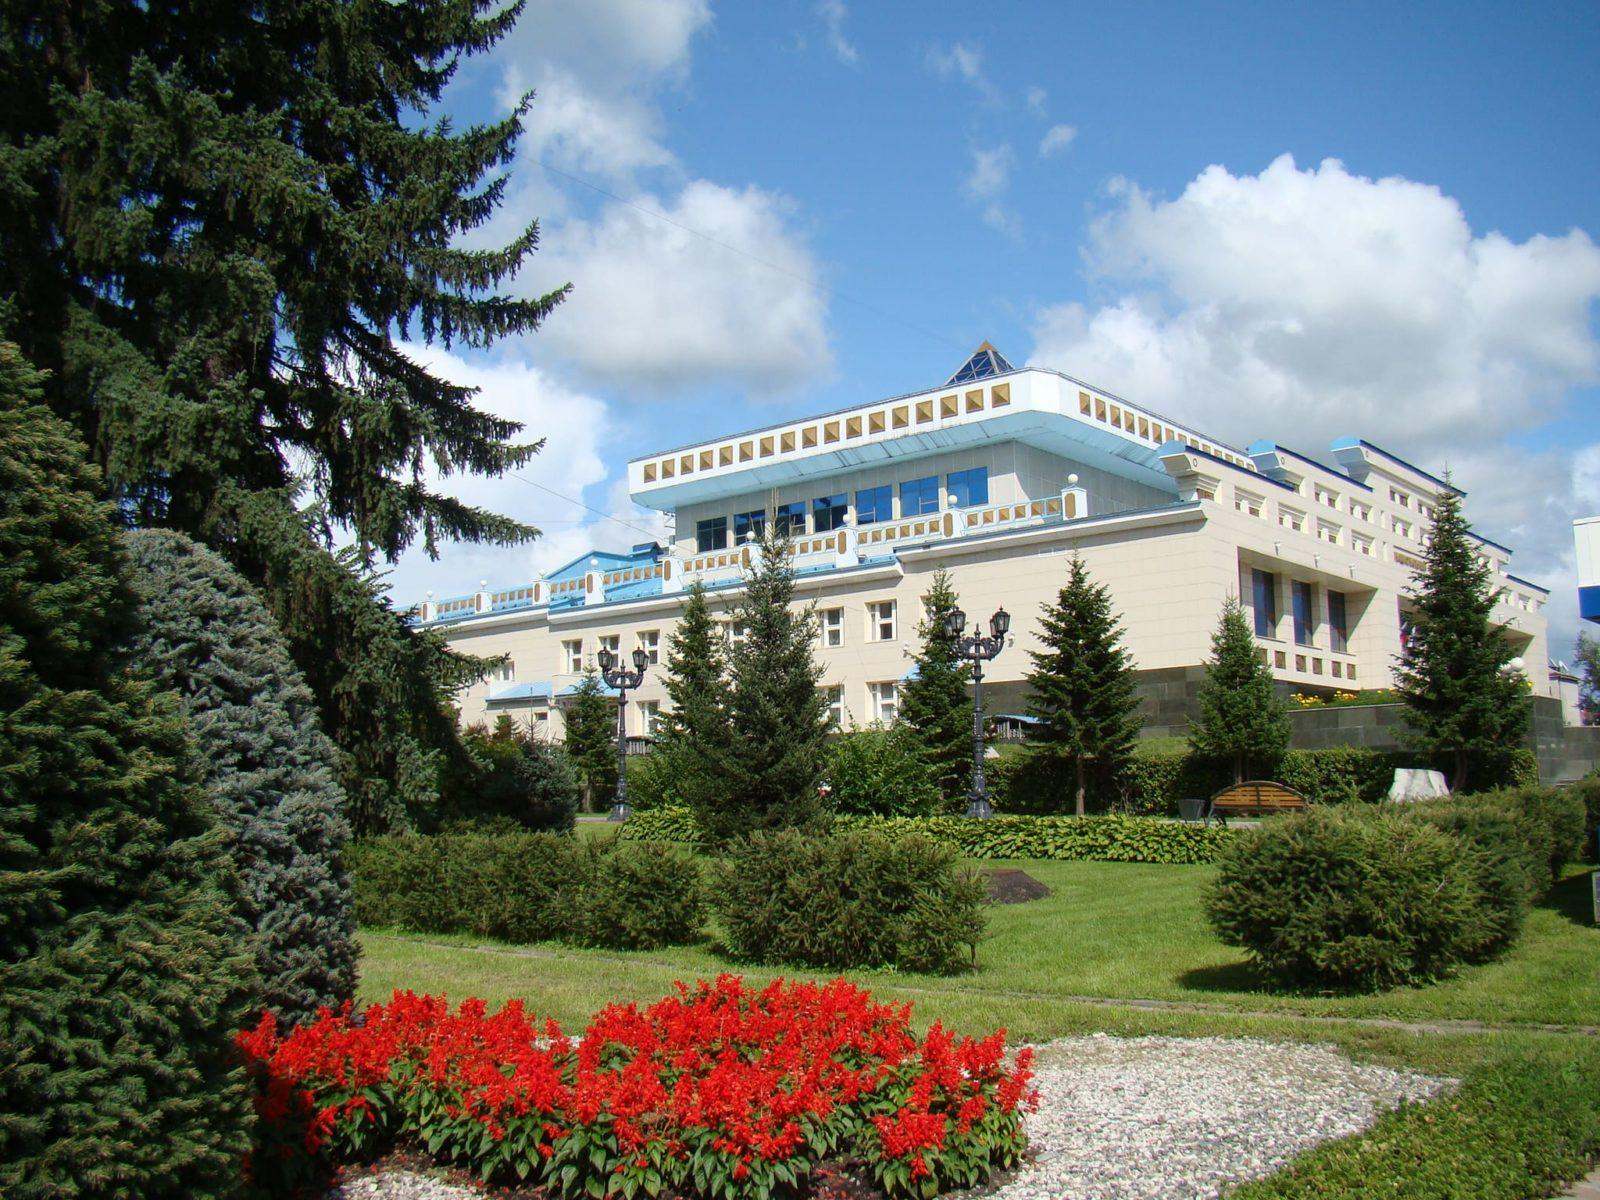 Горно-Алтайск — столица Республики Алтай: 15 фотографий